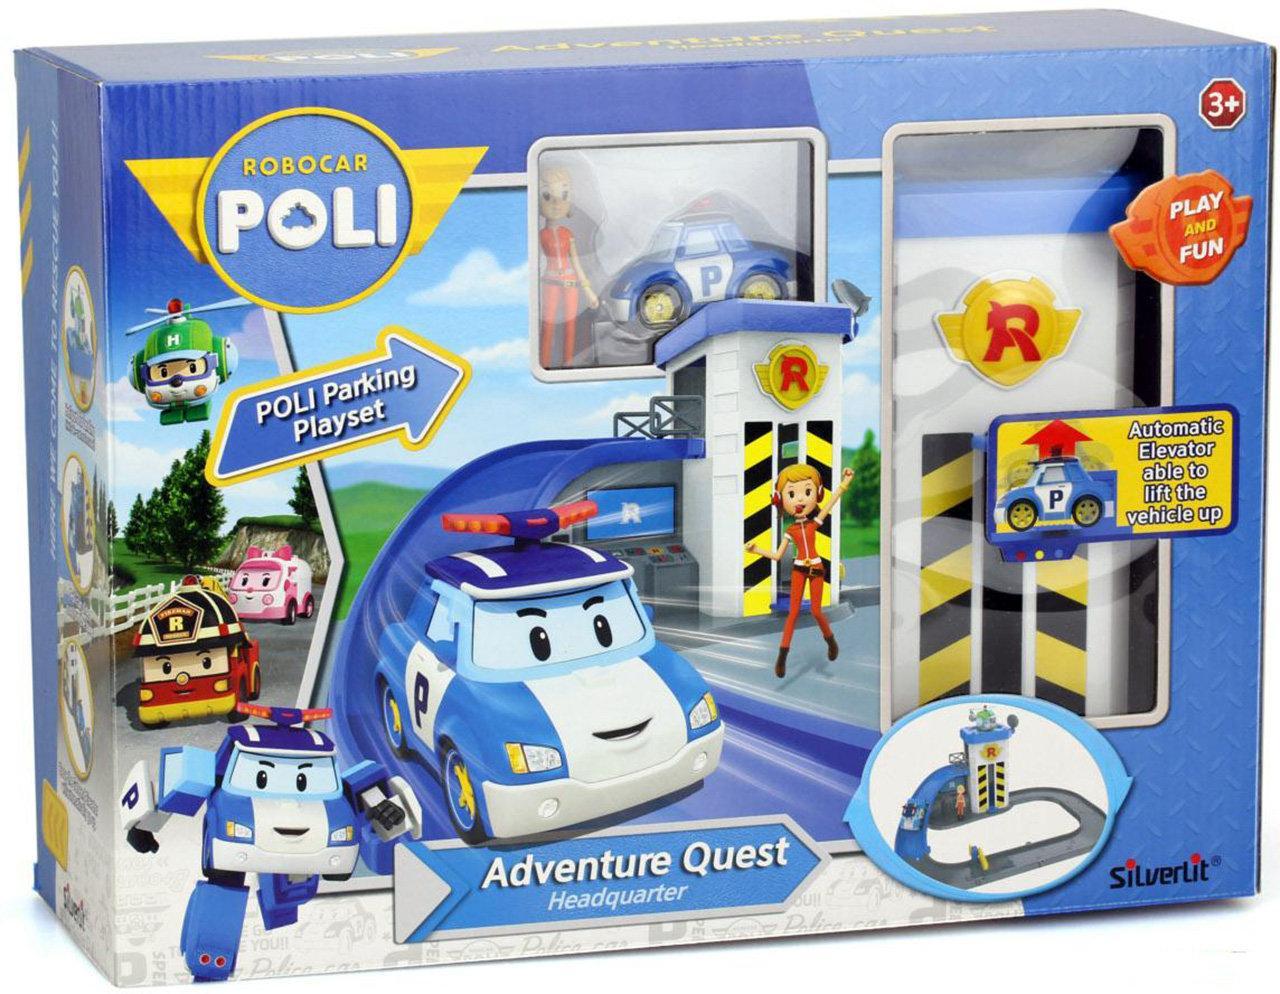 Robocar Poli Подъемник с металлической машинкой Поли Робокар и фигуркой Джин